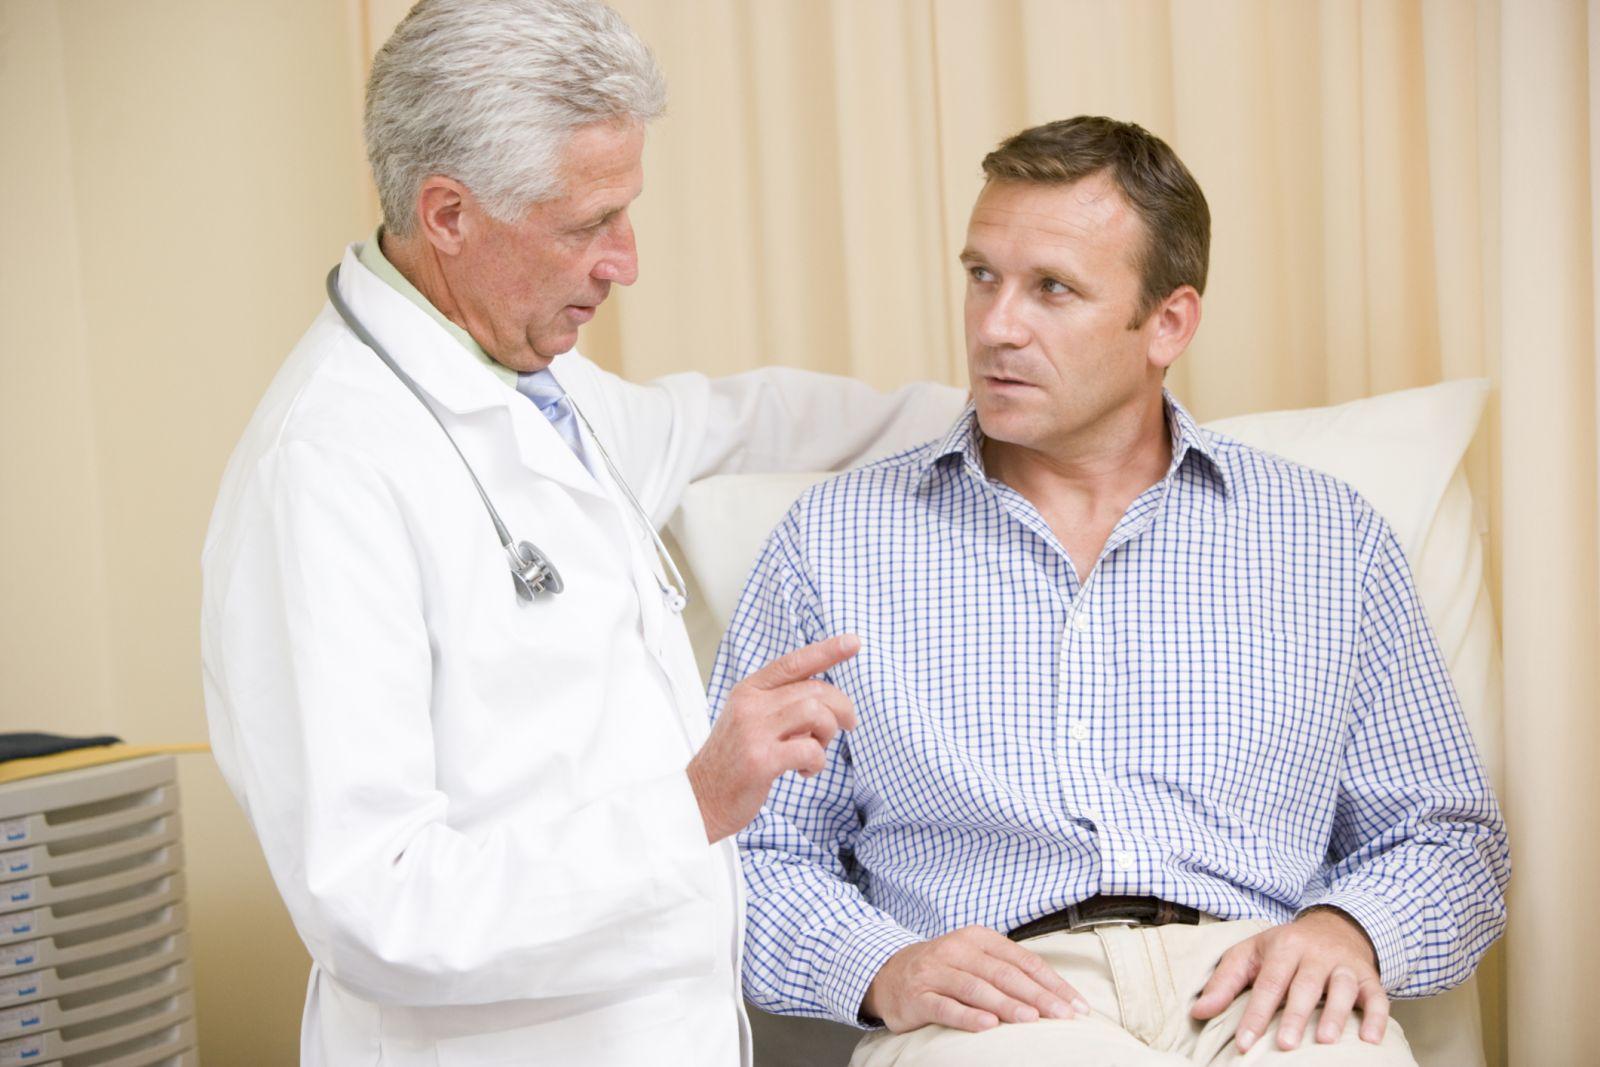 Опоясывающий герпес: фото, симптомы, лечение, заразен ли опоясывающий герпес